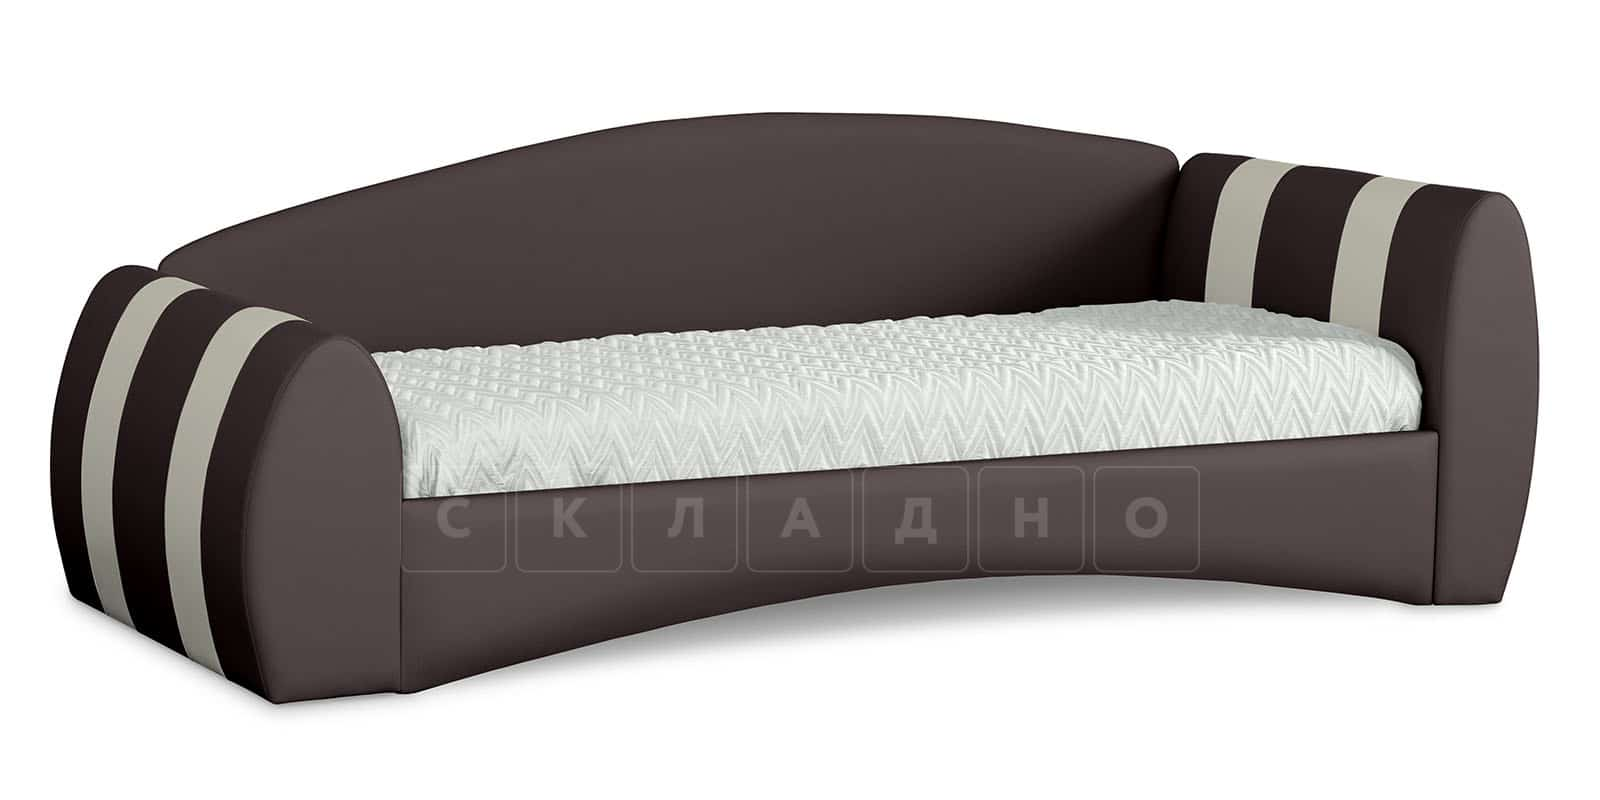 Мягкая кровать Монако 90х190см шоколадного цвета правая фото 1 | интернет-магазин Складно